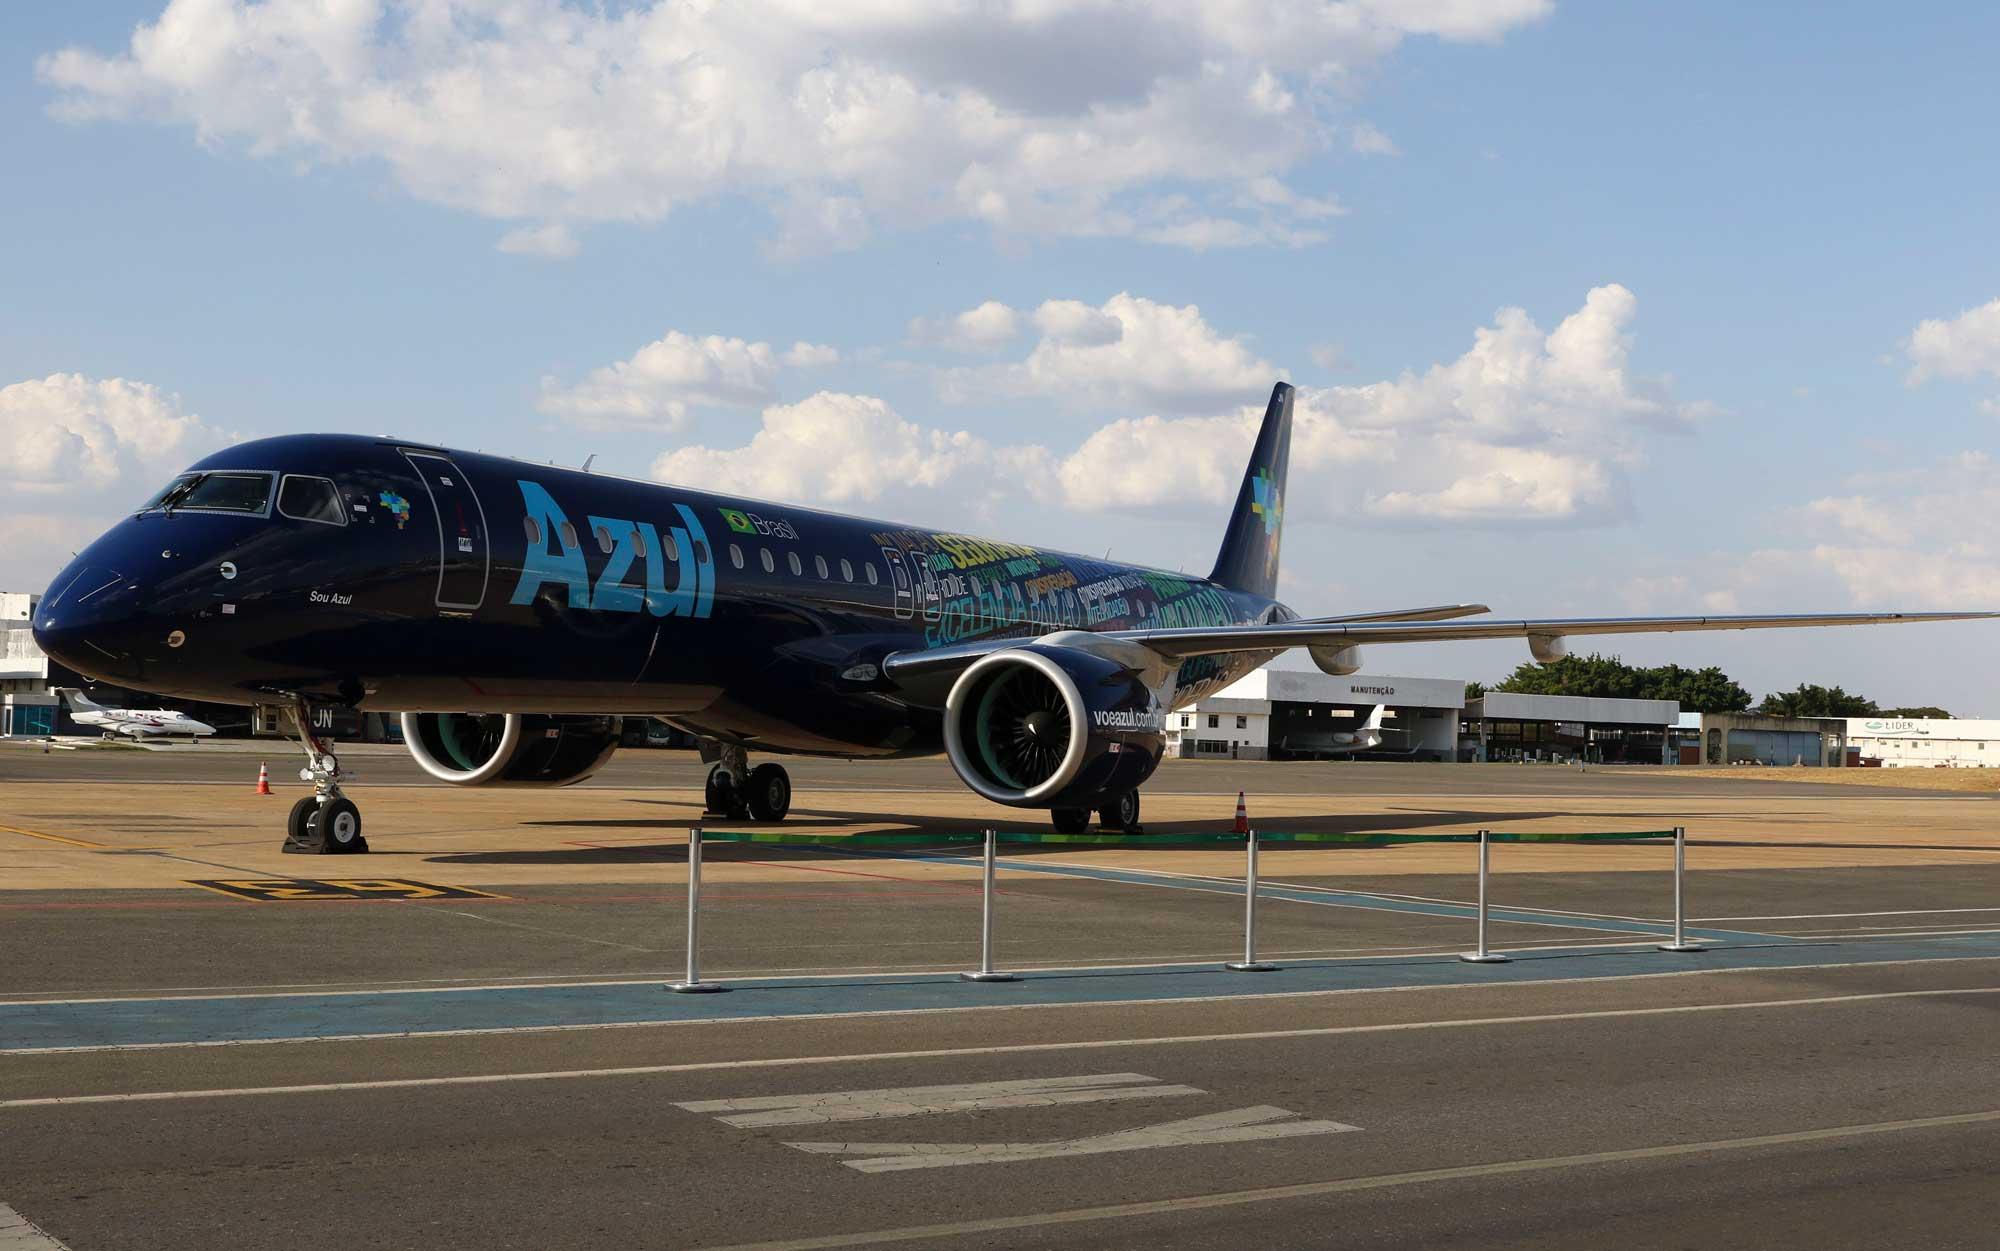 Apresentação do jato Embraer 195-E2, a maior e mais moderna aeronave comercial já produzida no Brasil, adquirida pela Azul Linhas Aéreas (foto: Valter Campanato/Agência Brasil)